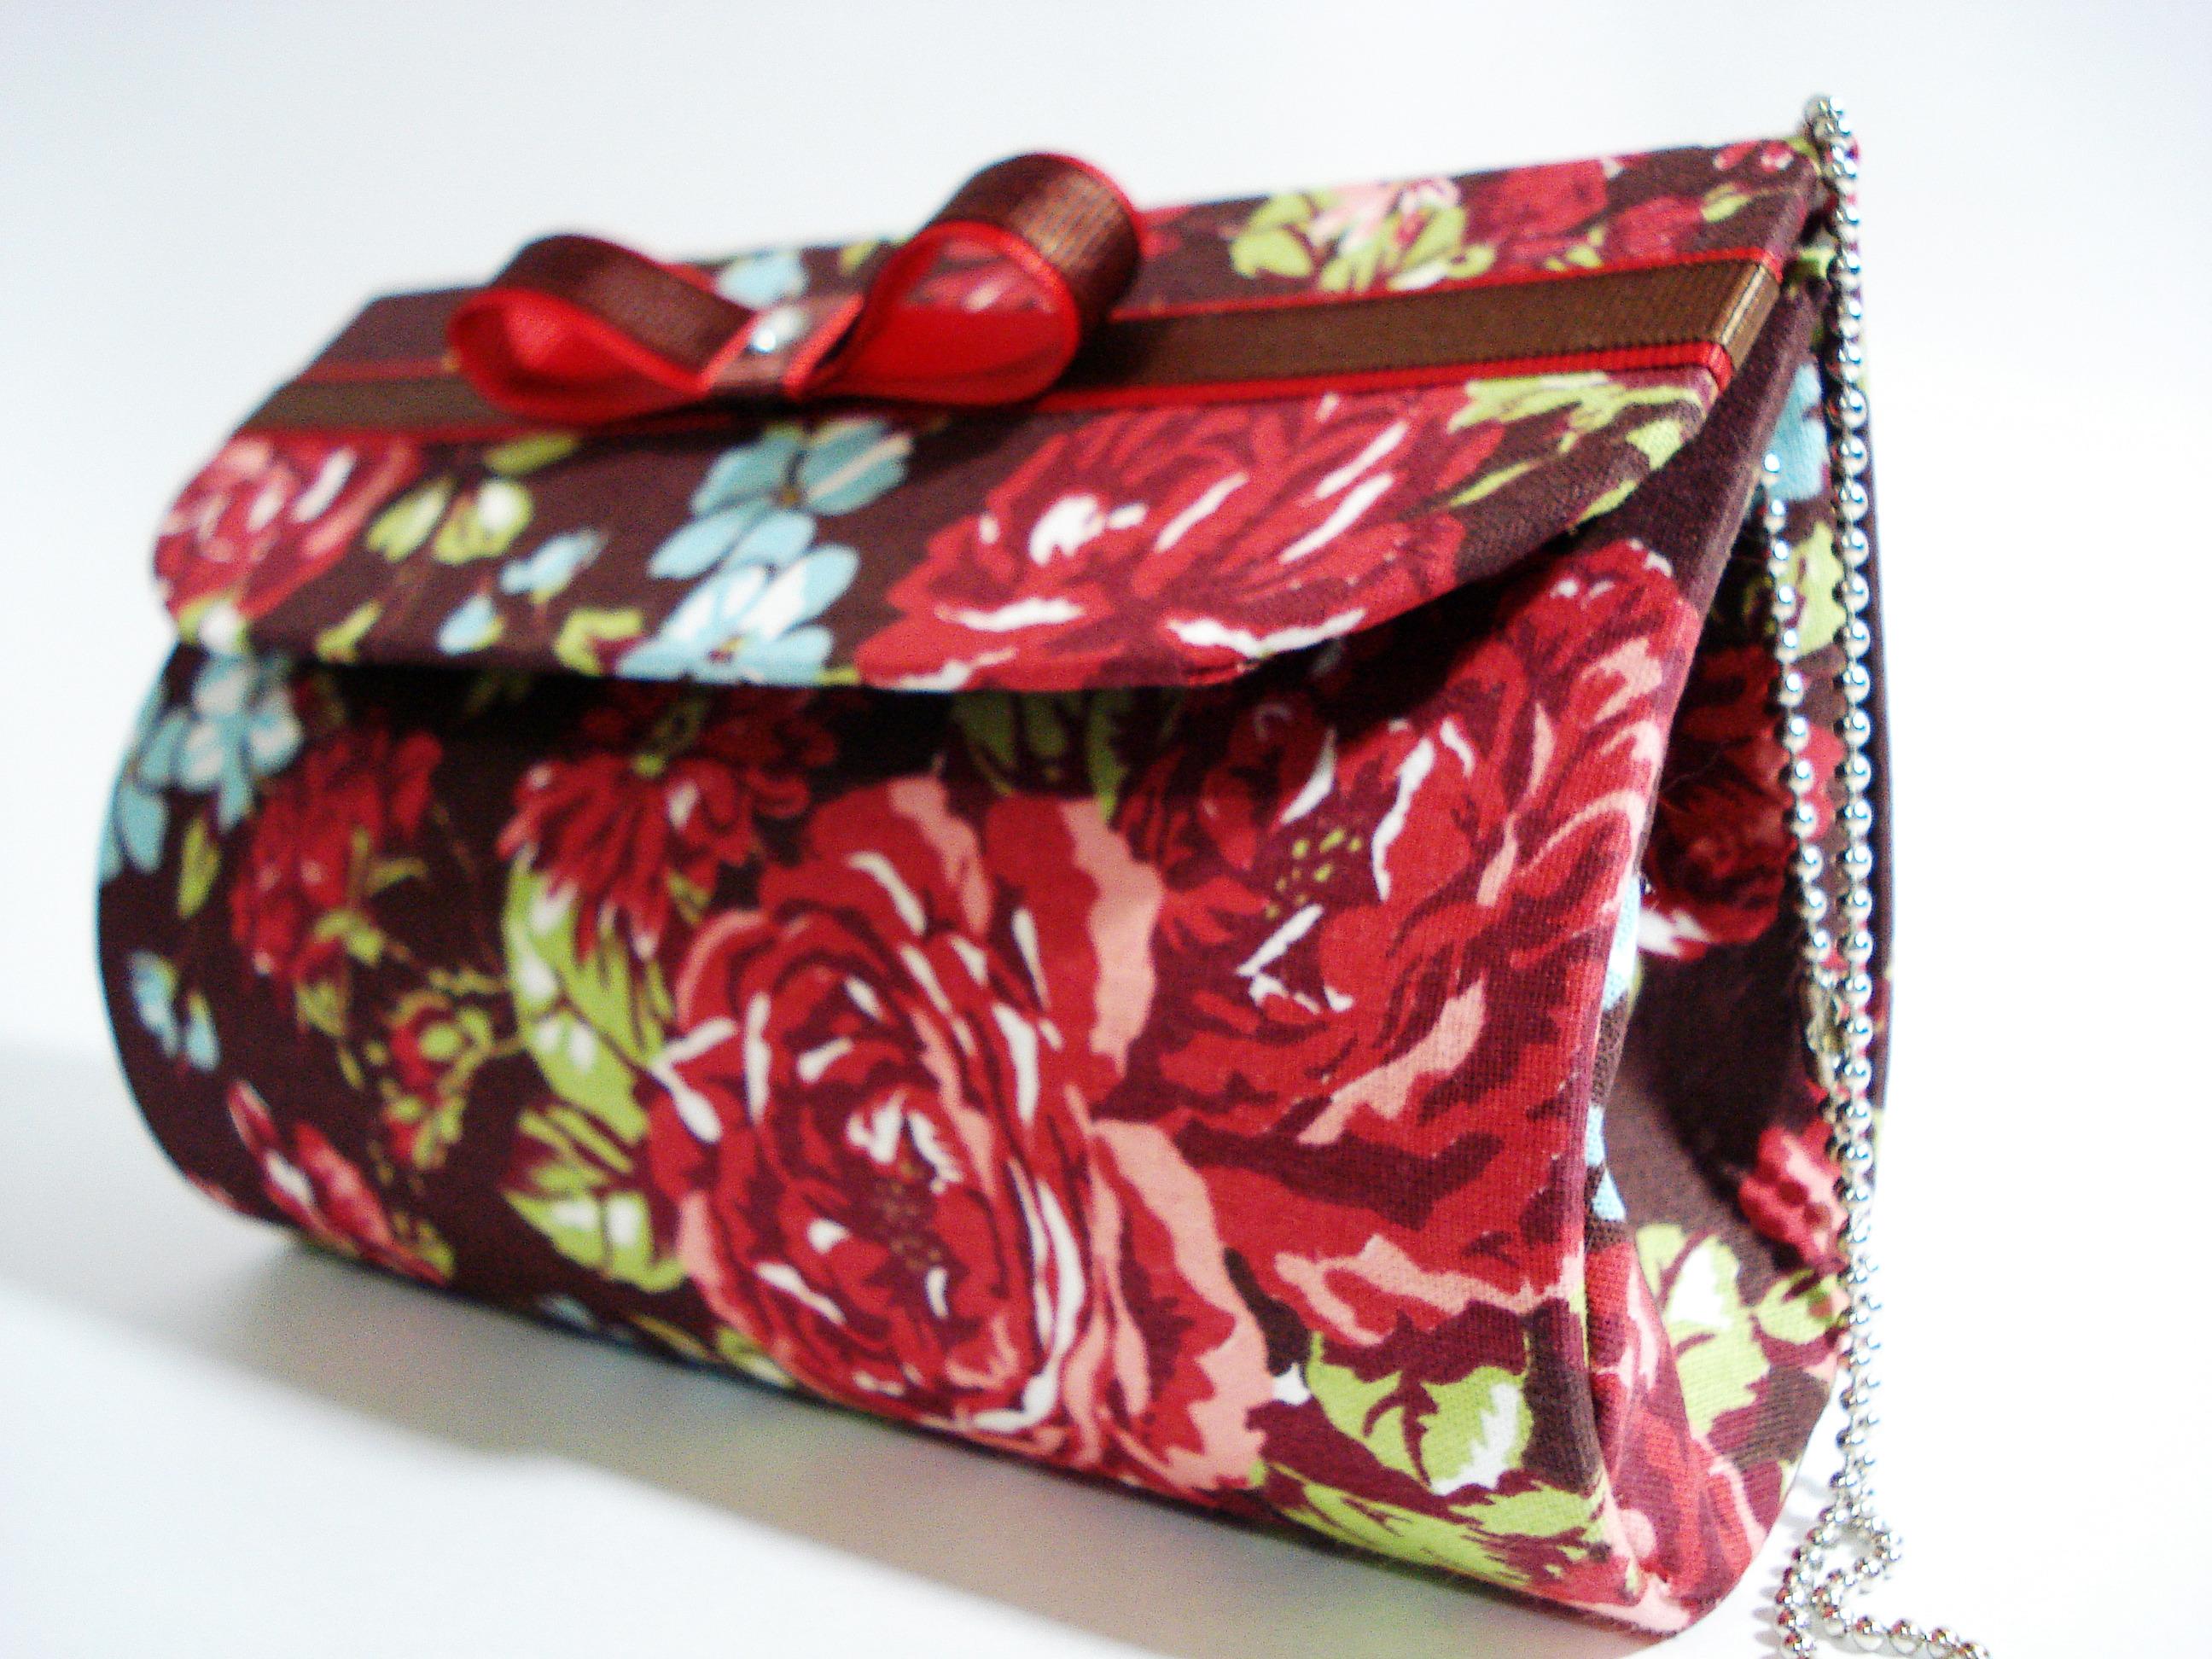 Bolsa De Mão Clutch : Bolsa de m?o clutch floral mandah arte design elo